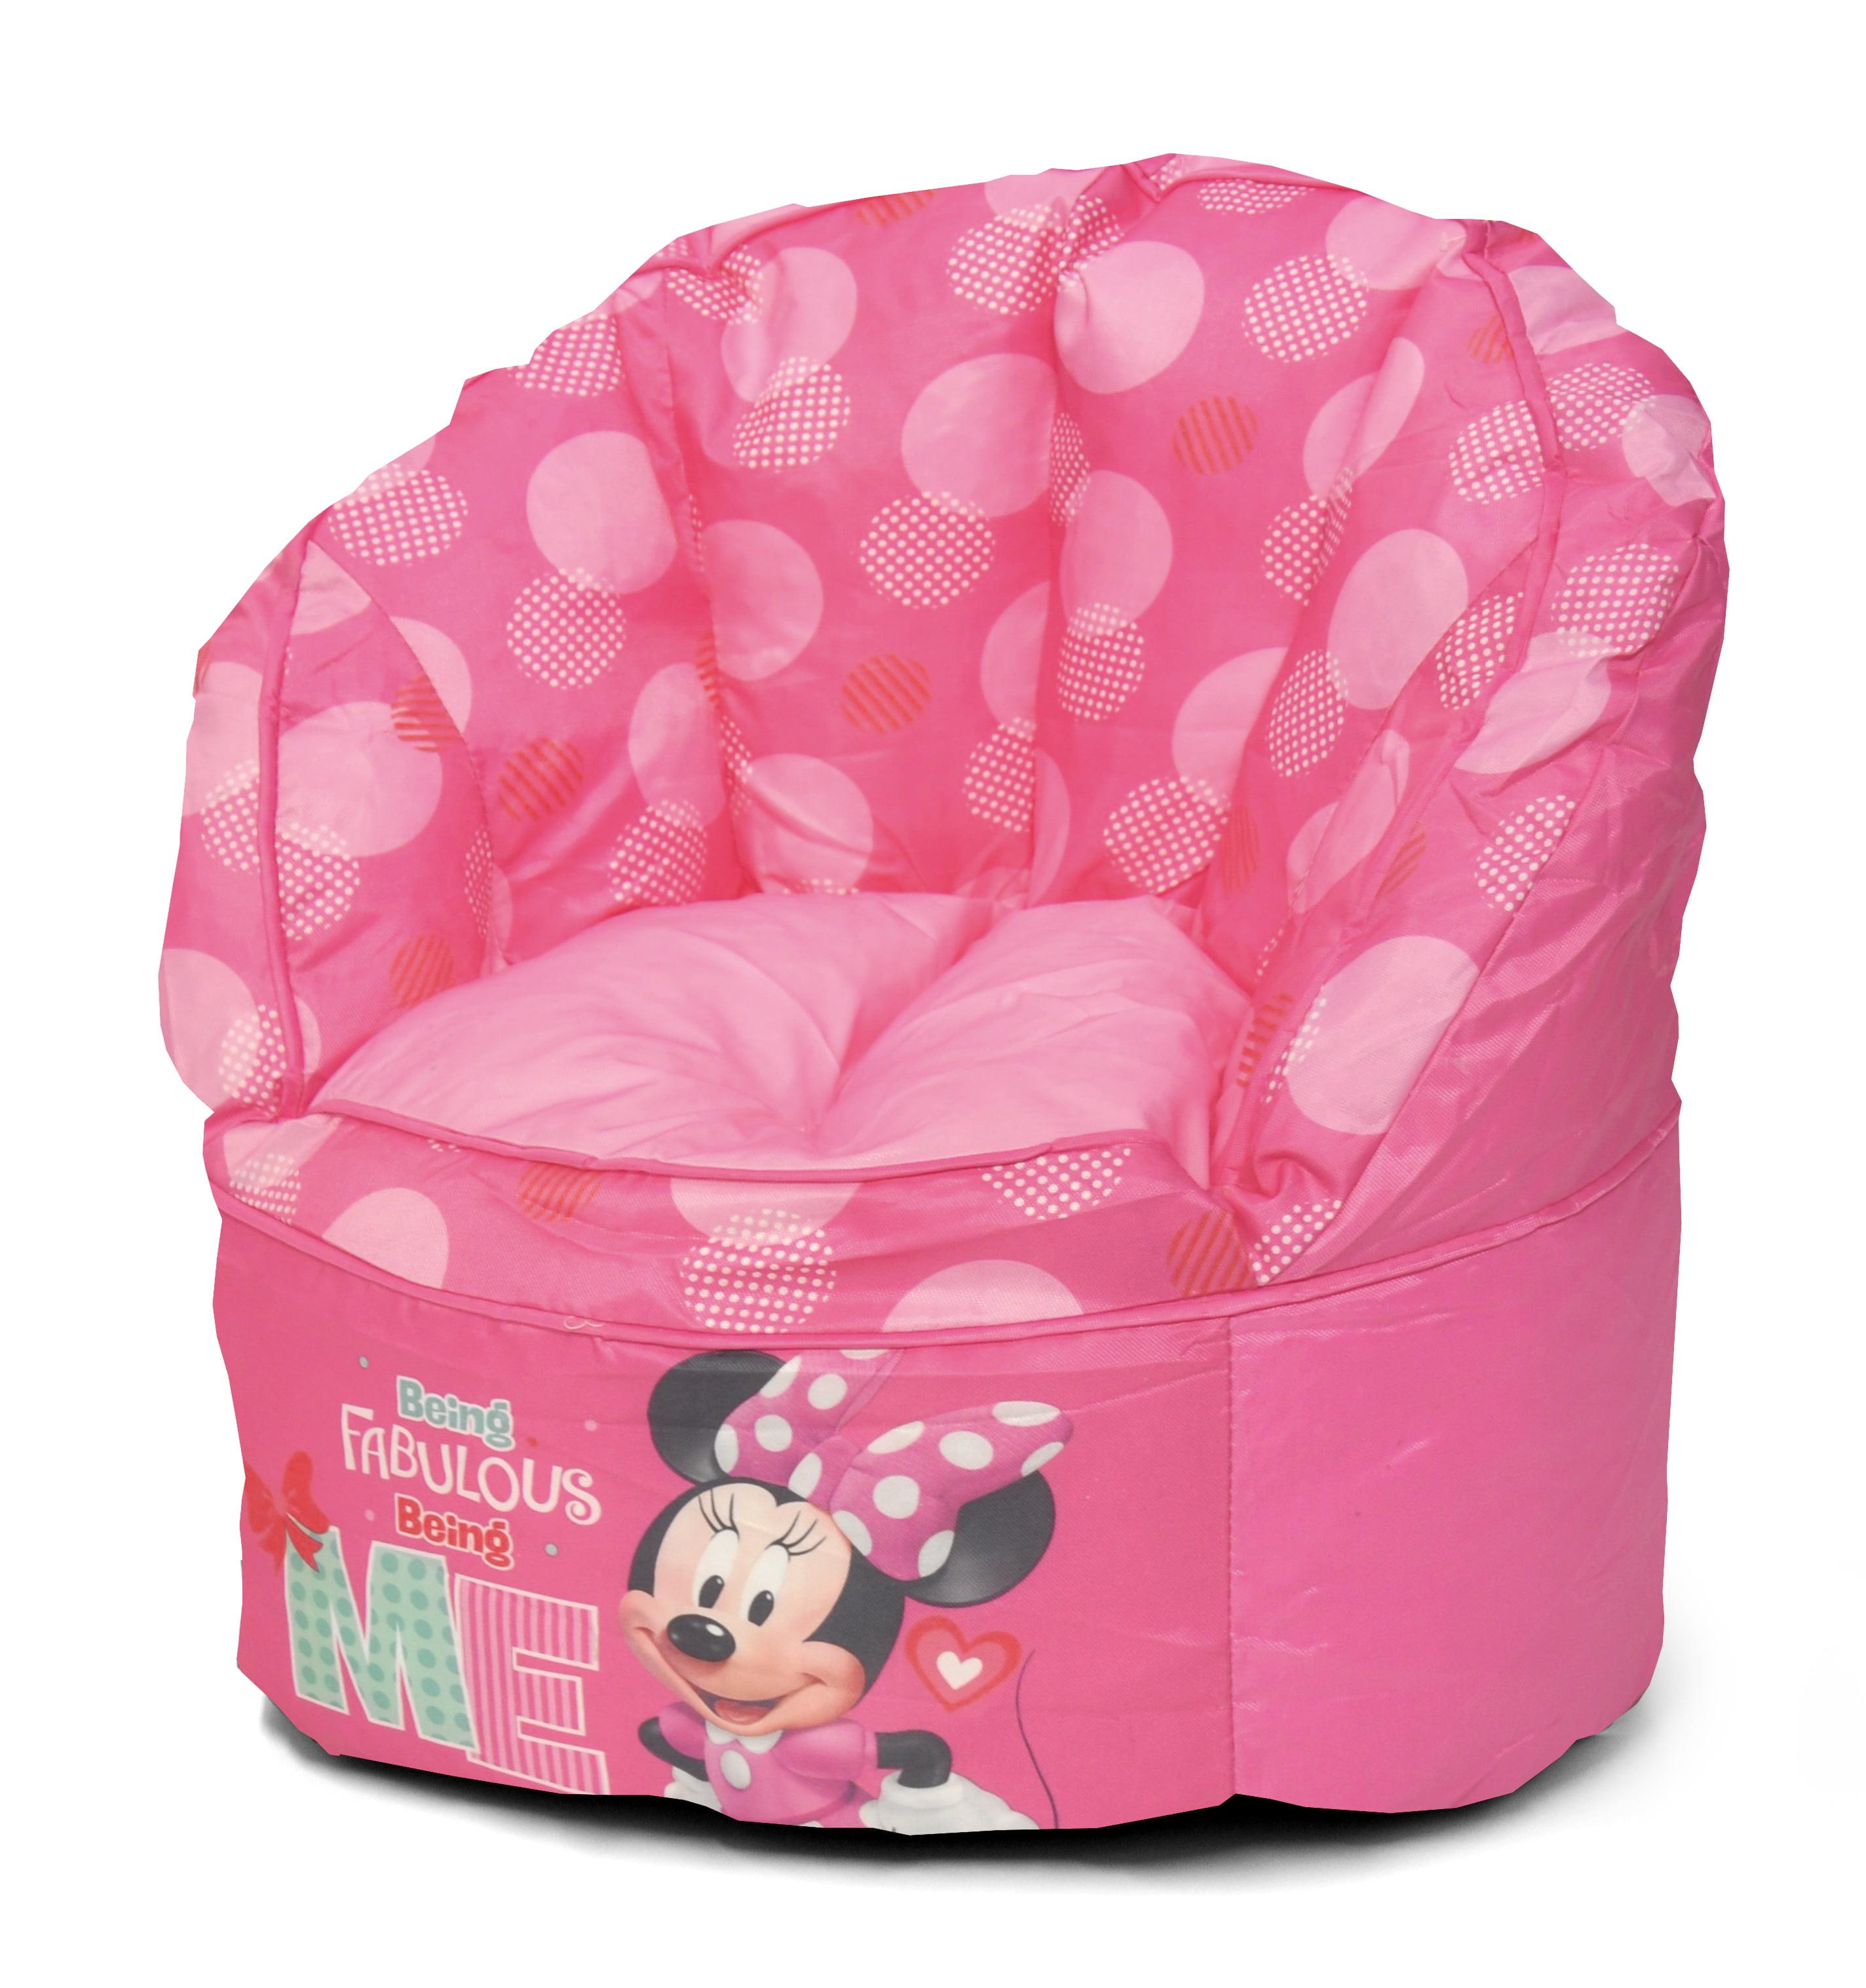 Disney Minnie Mouse Kids Bean Bag Chair